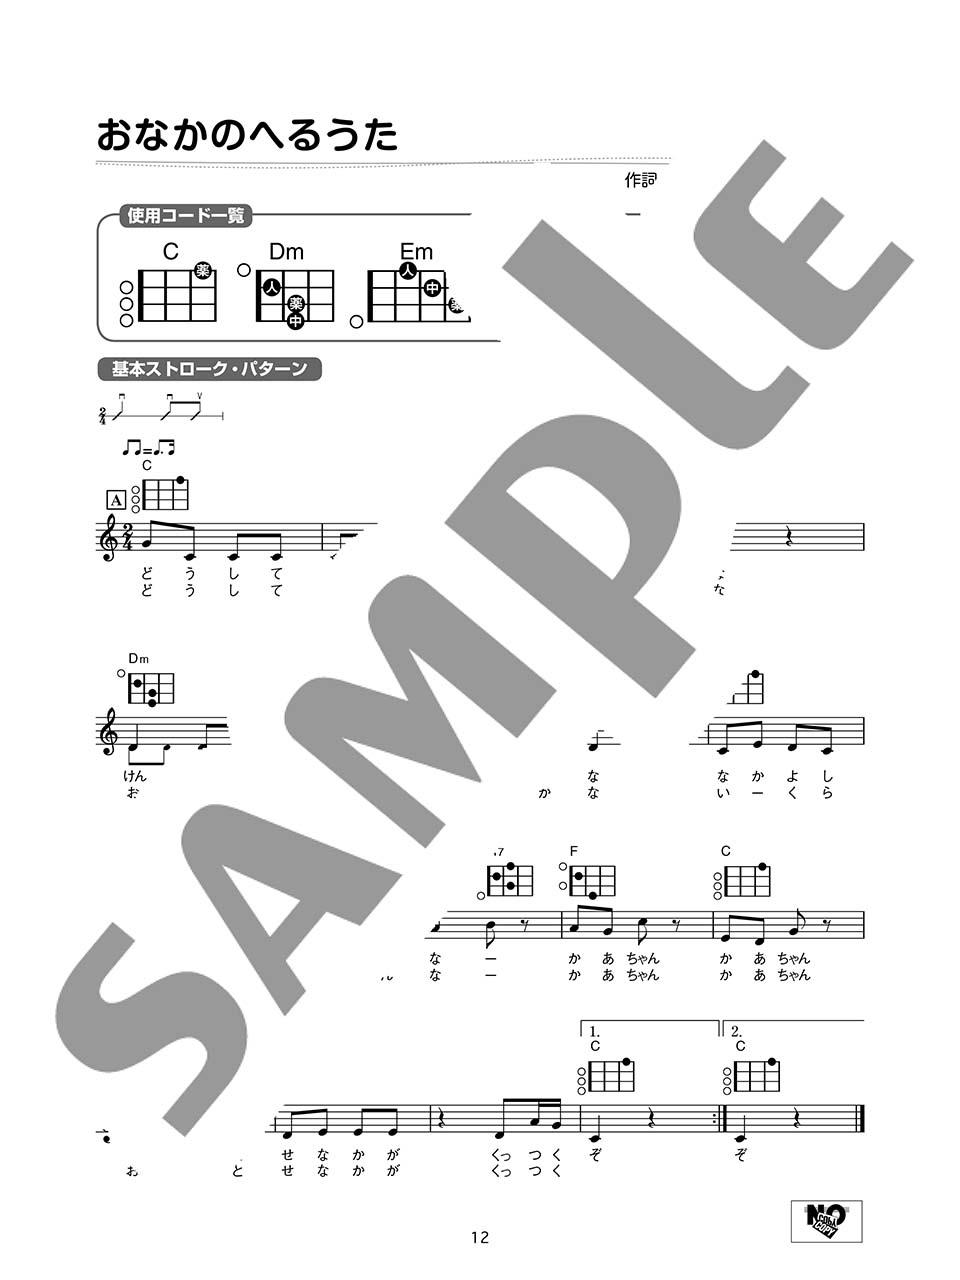 ヤマハコード2つから弾けるやさしい曲がいっぱい ウクレレで一緒